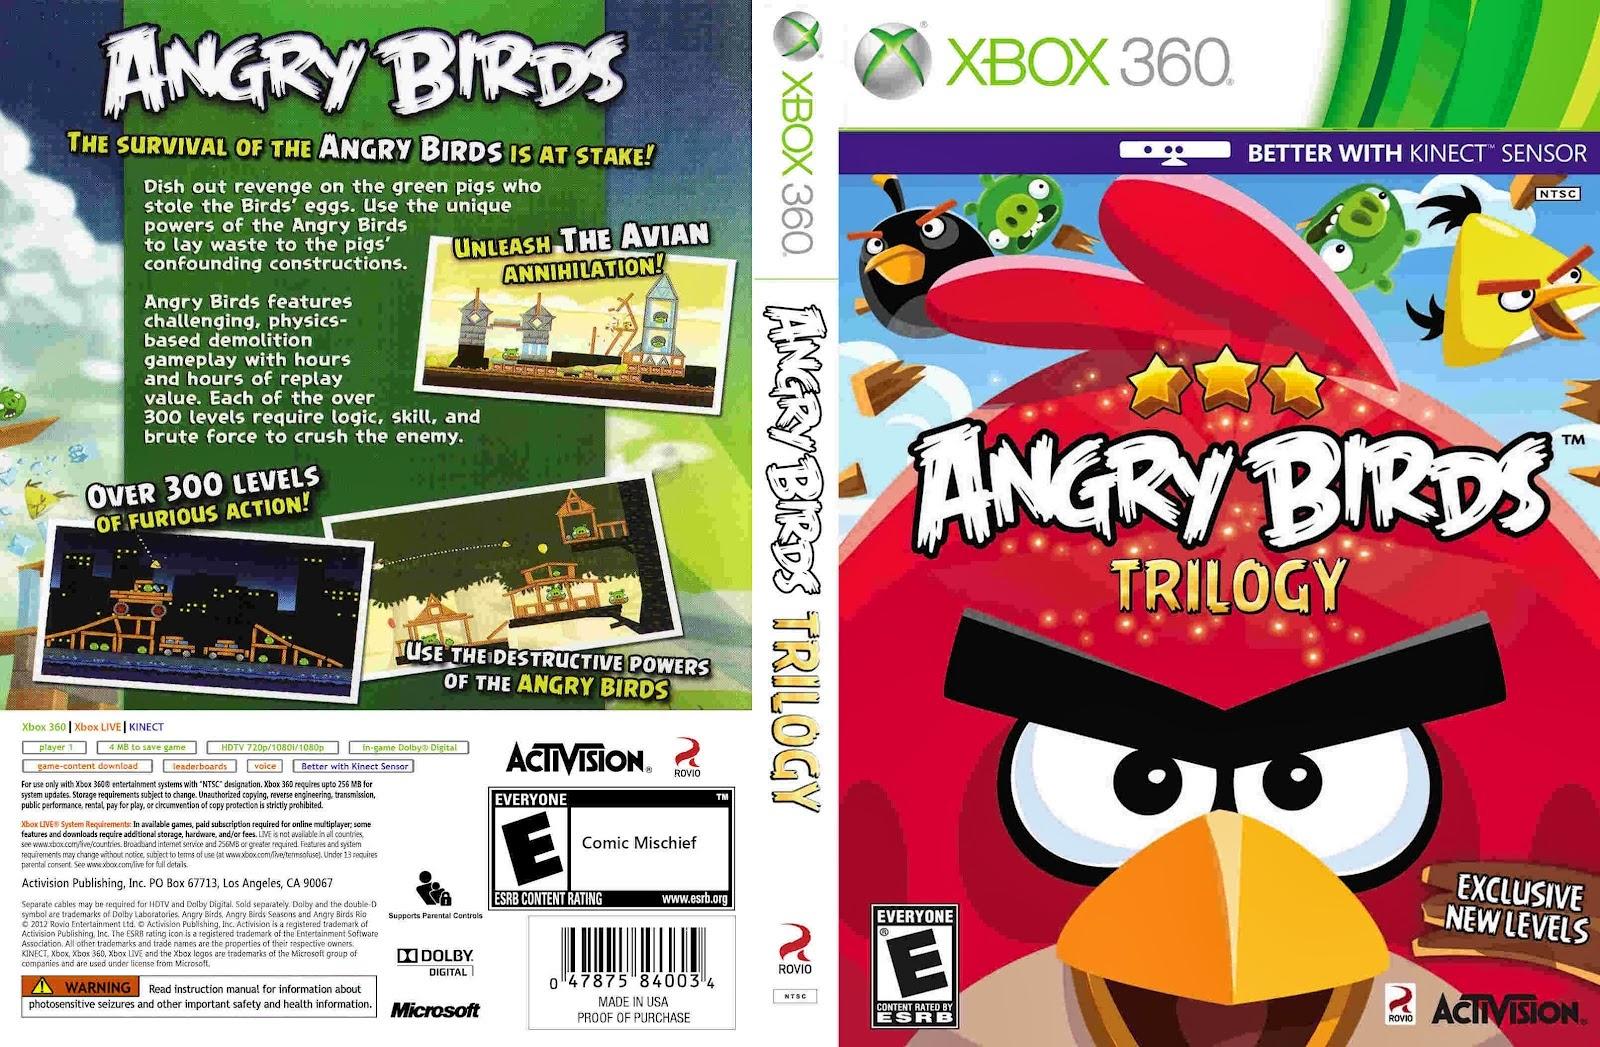 bandfuse xbox jogos de    xbox    360 mr game jogos de    xbox    360  jogos de    xbox    360 mr game jogos de    xbox    360